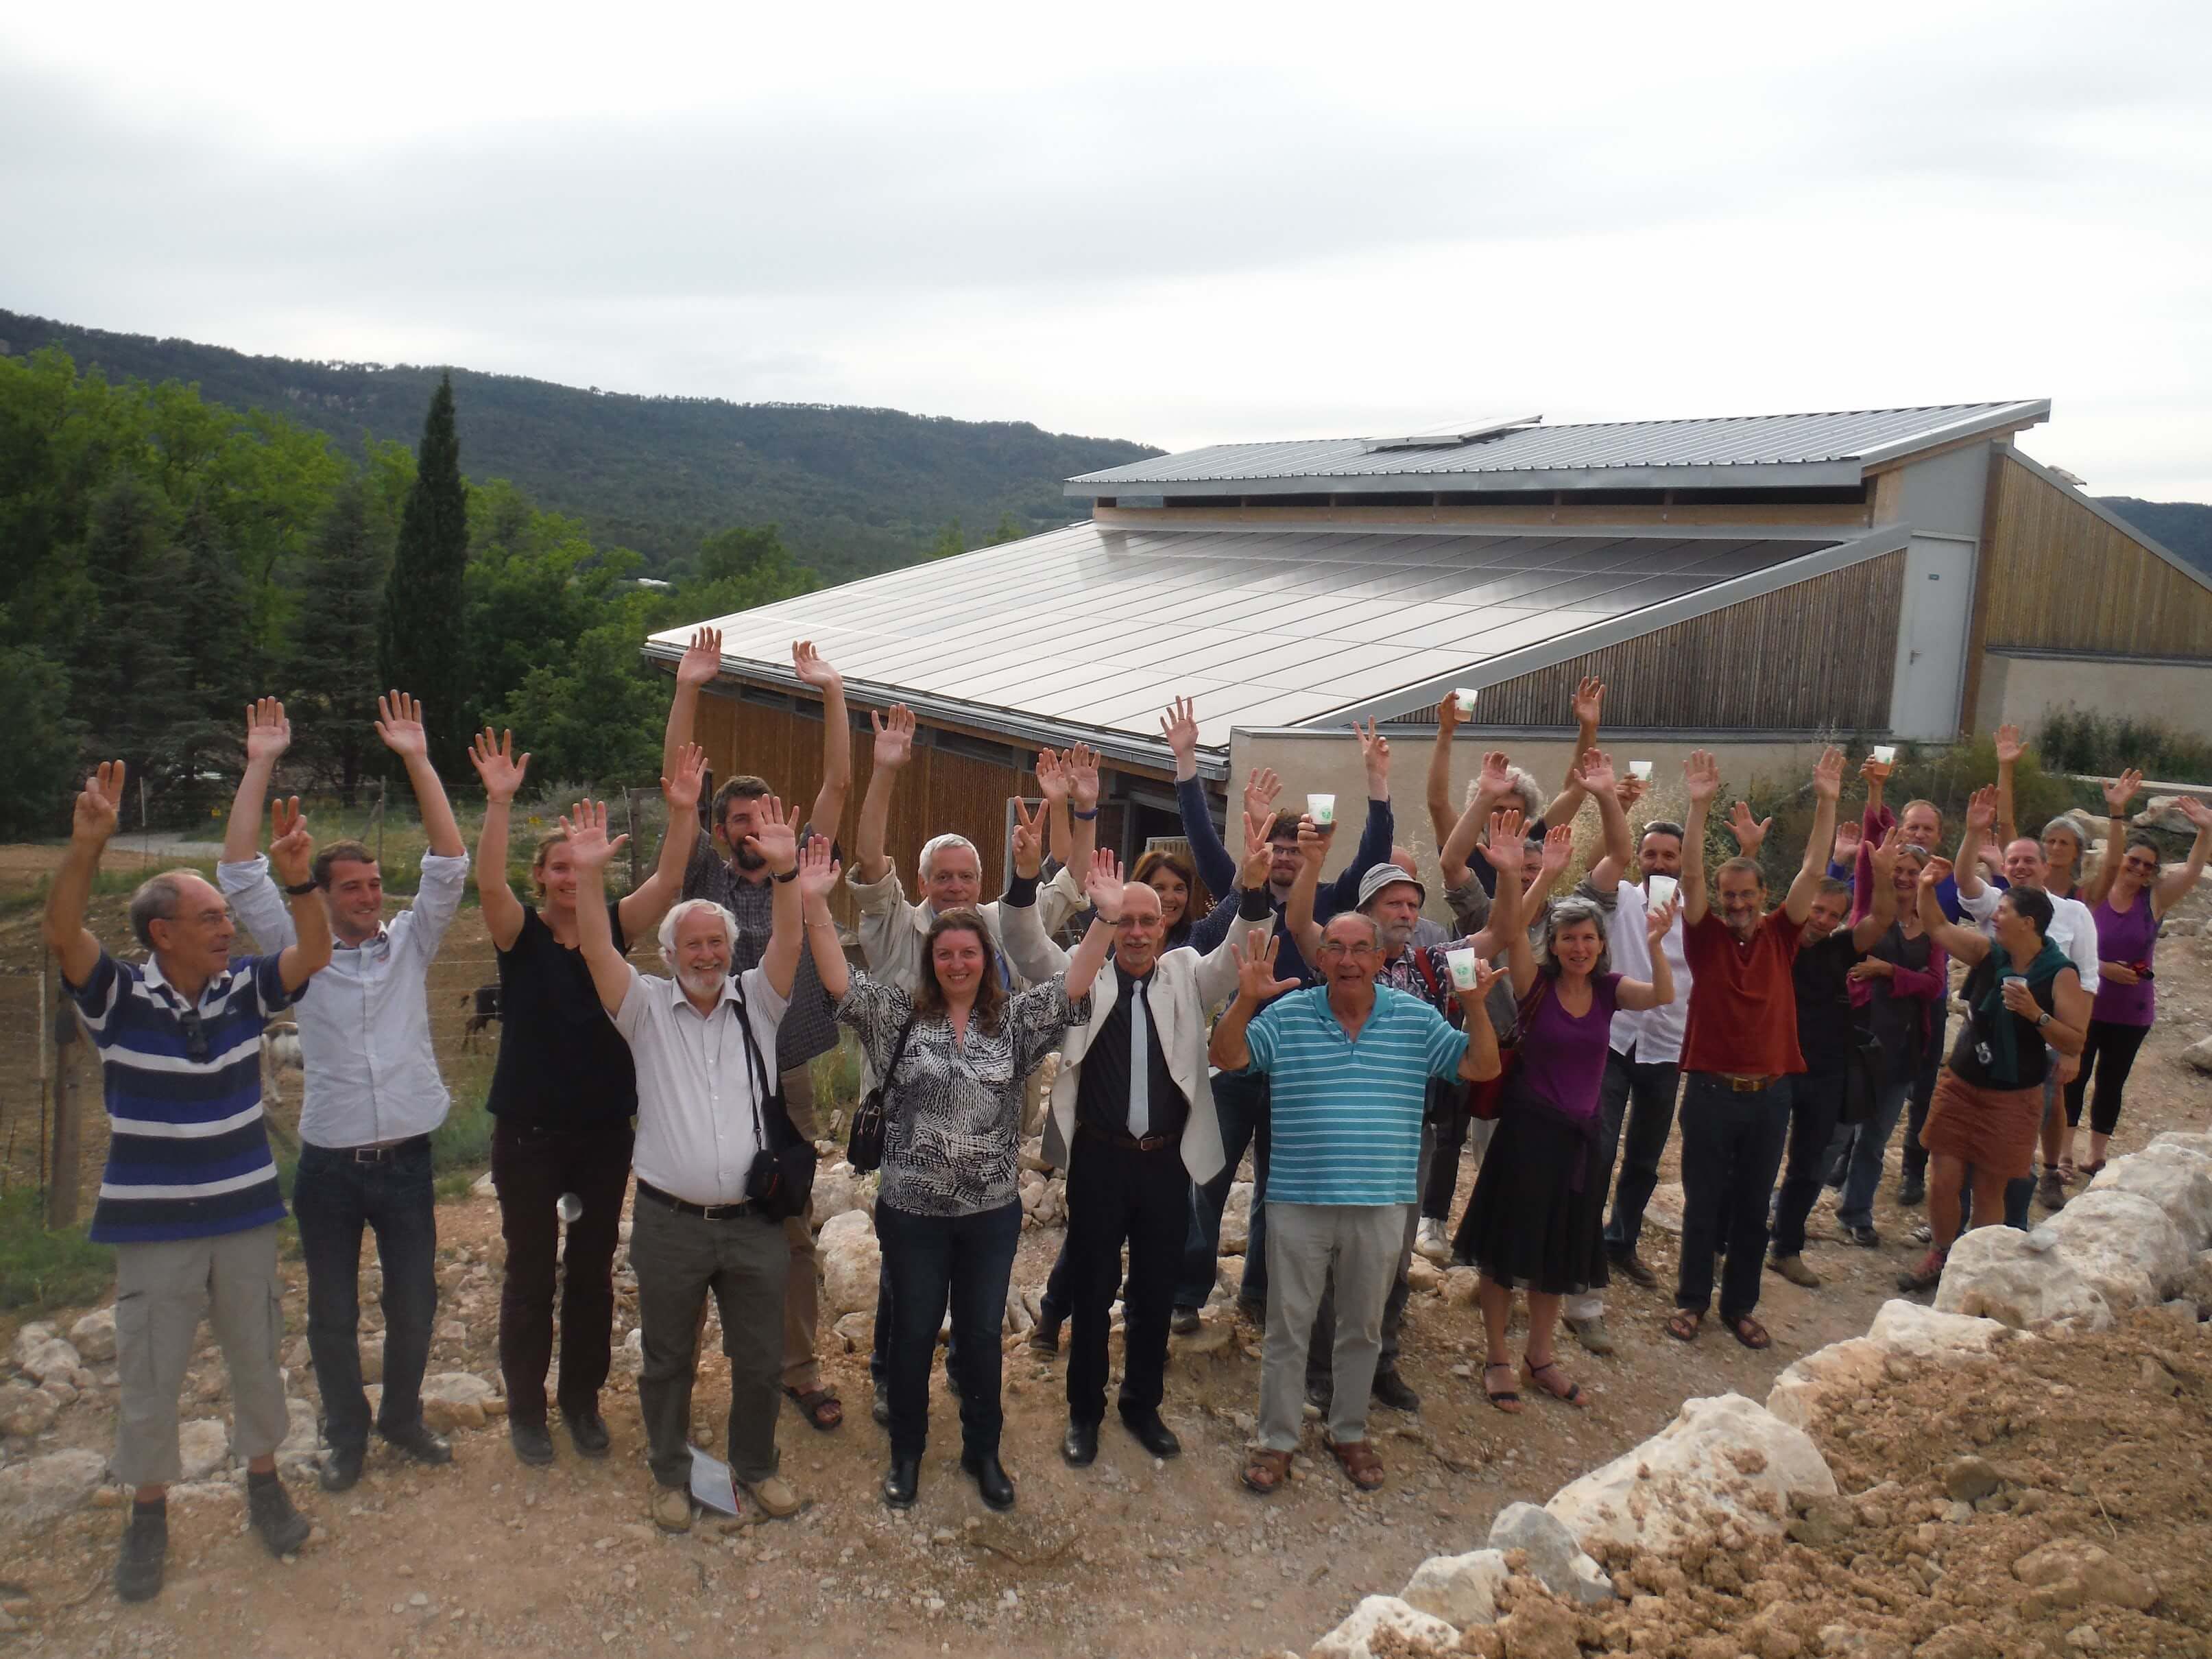 Enercoop Paca - Producteurs - Energ'Ethique - Centrale photovoltaïque Moustiers Sainte-Marie 04 - Equipe